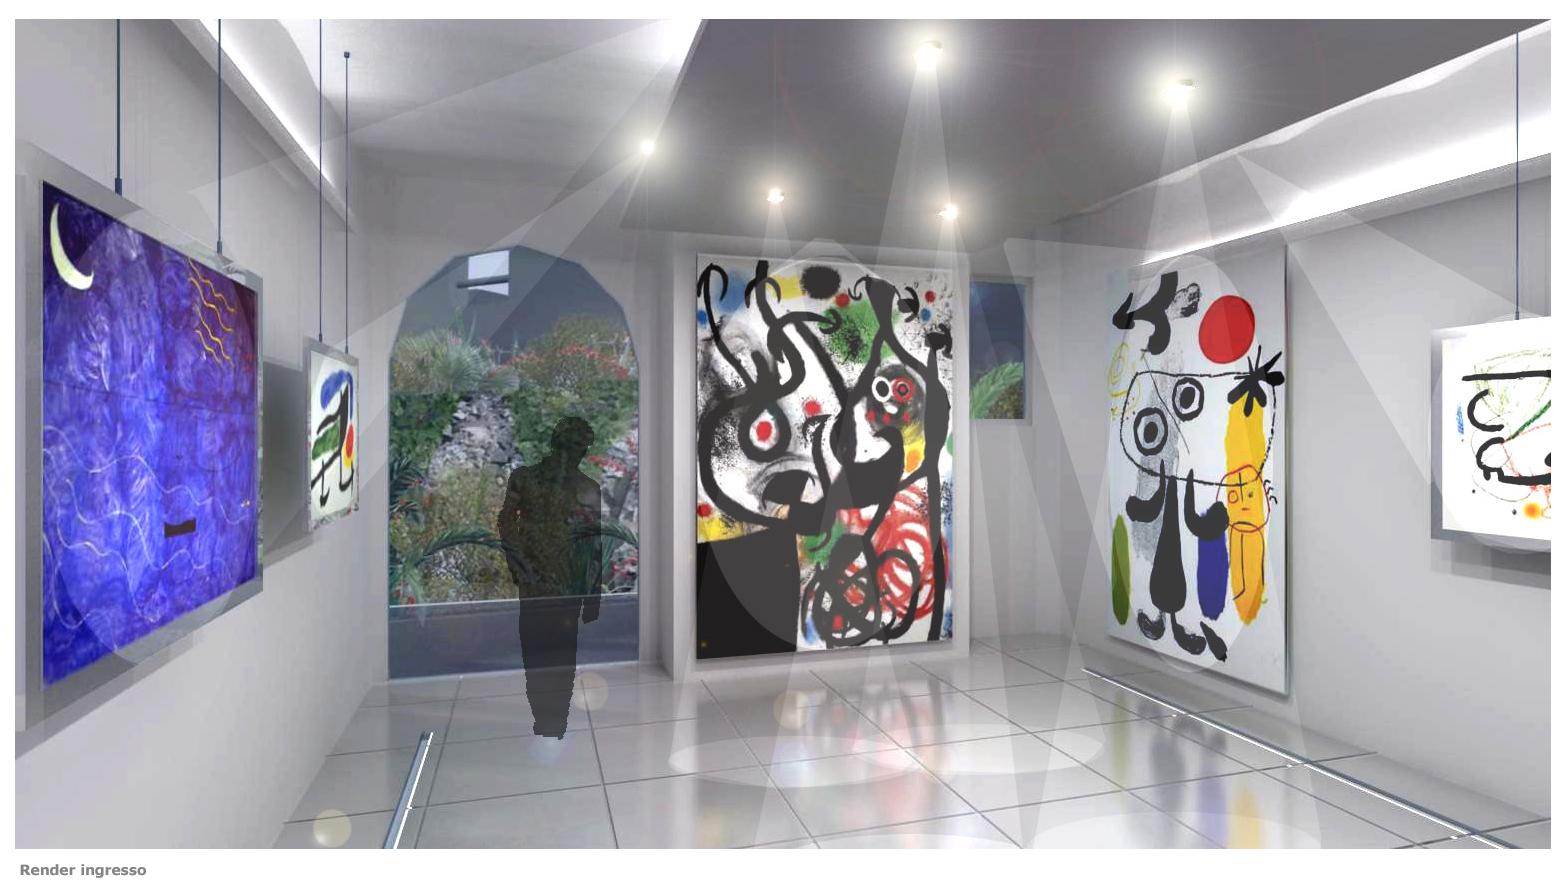 Luca simonetti architetto galleria d 39 arte roma centro for Architetto interni roma